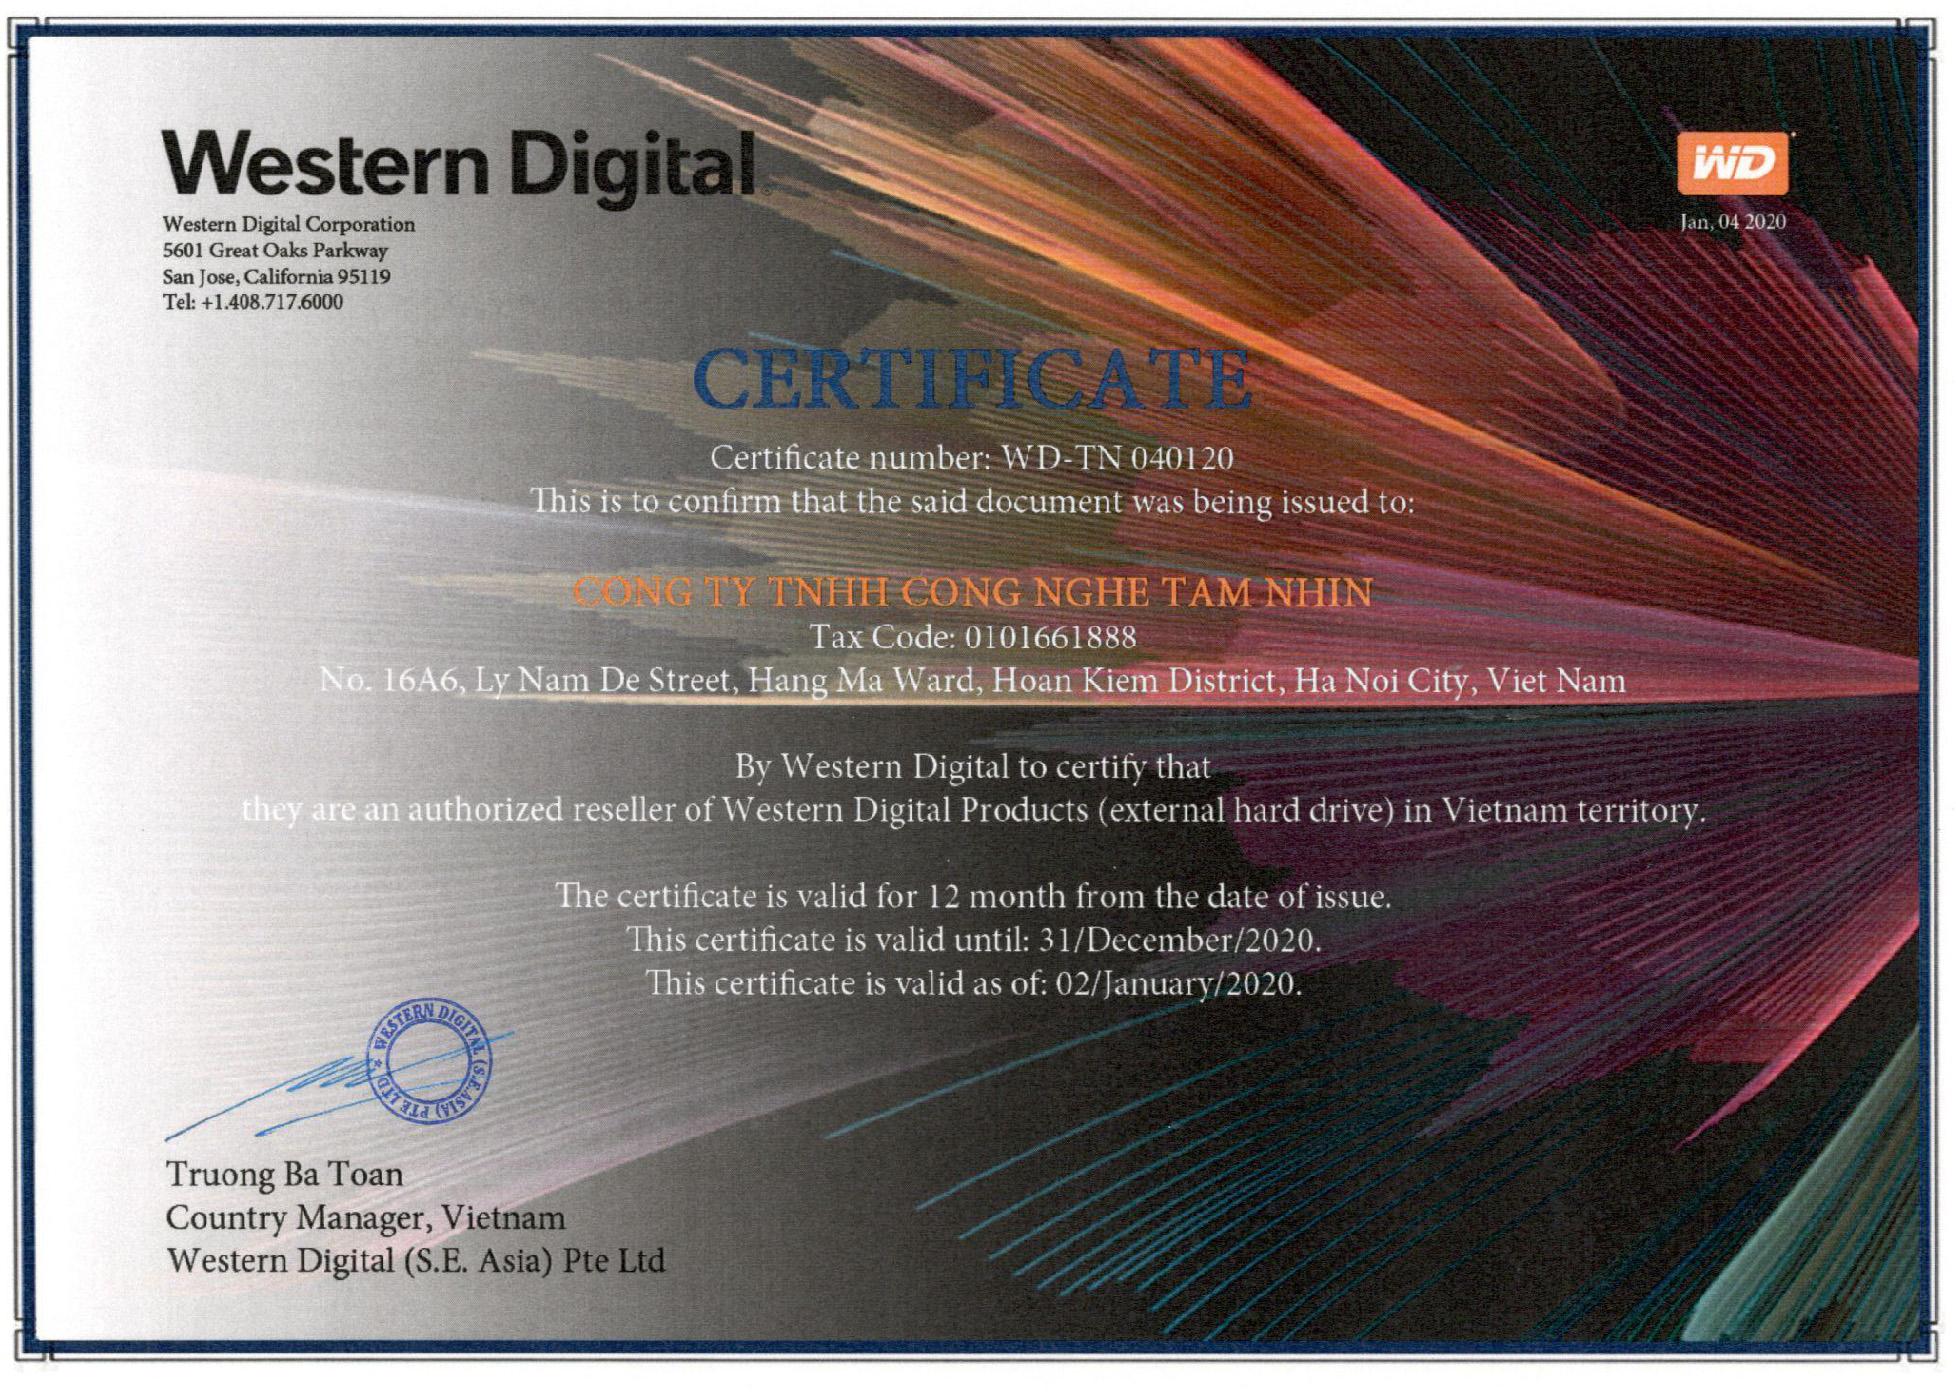 Western Digital xác nhận đại lý ủy quyền